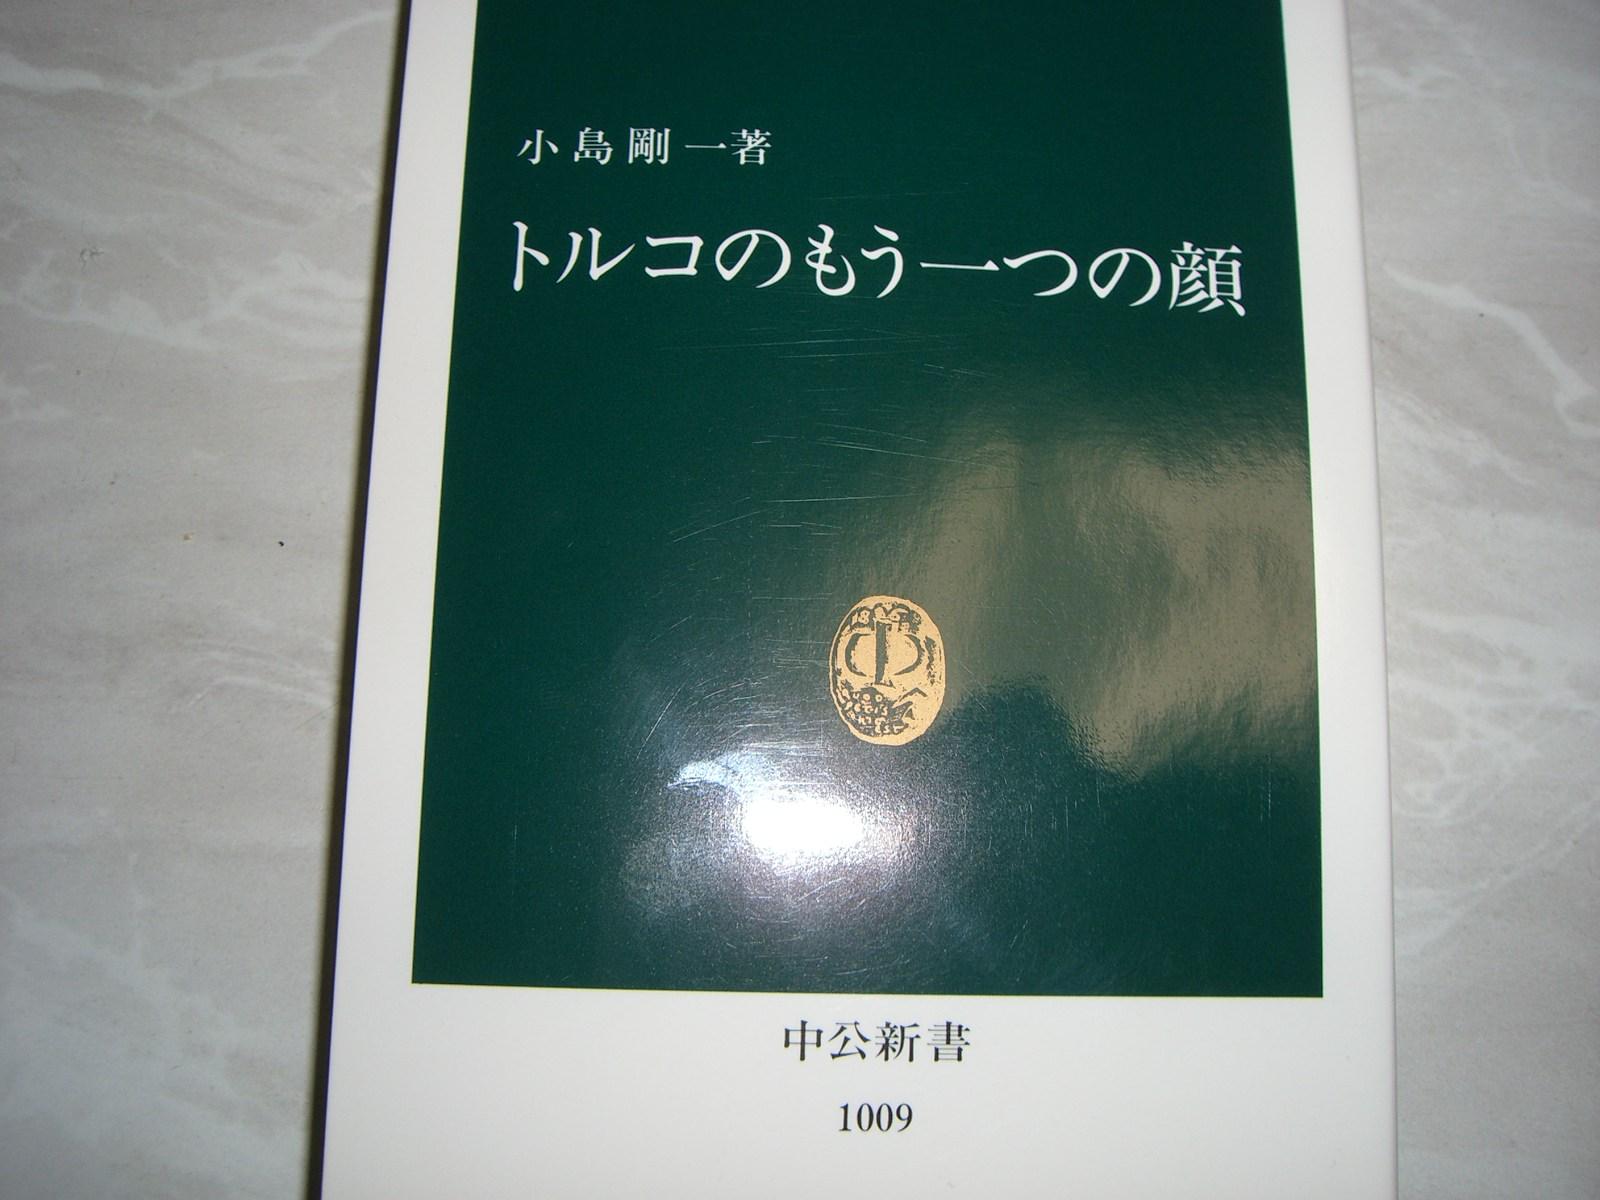 Cimg5625